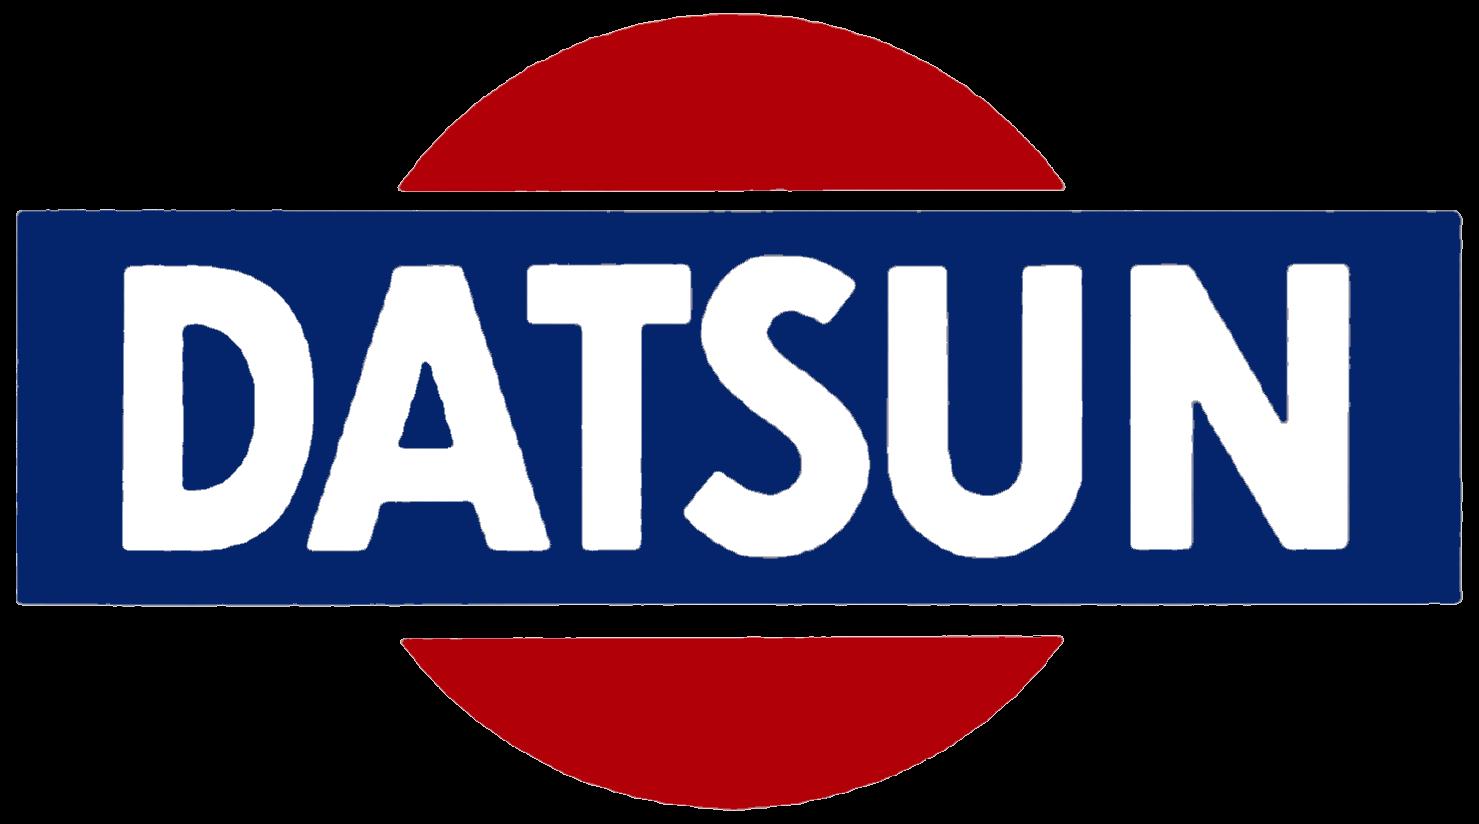 File:Datsun logo.png.